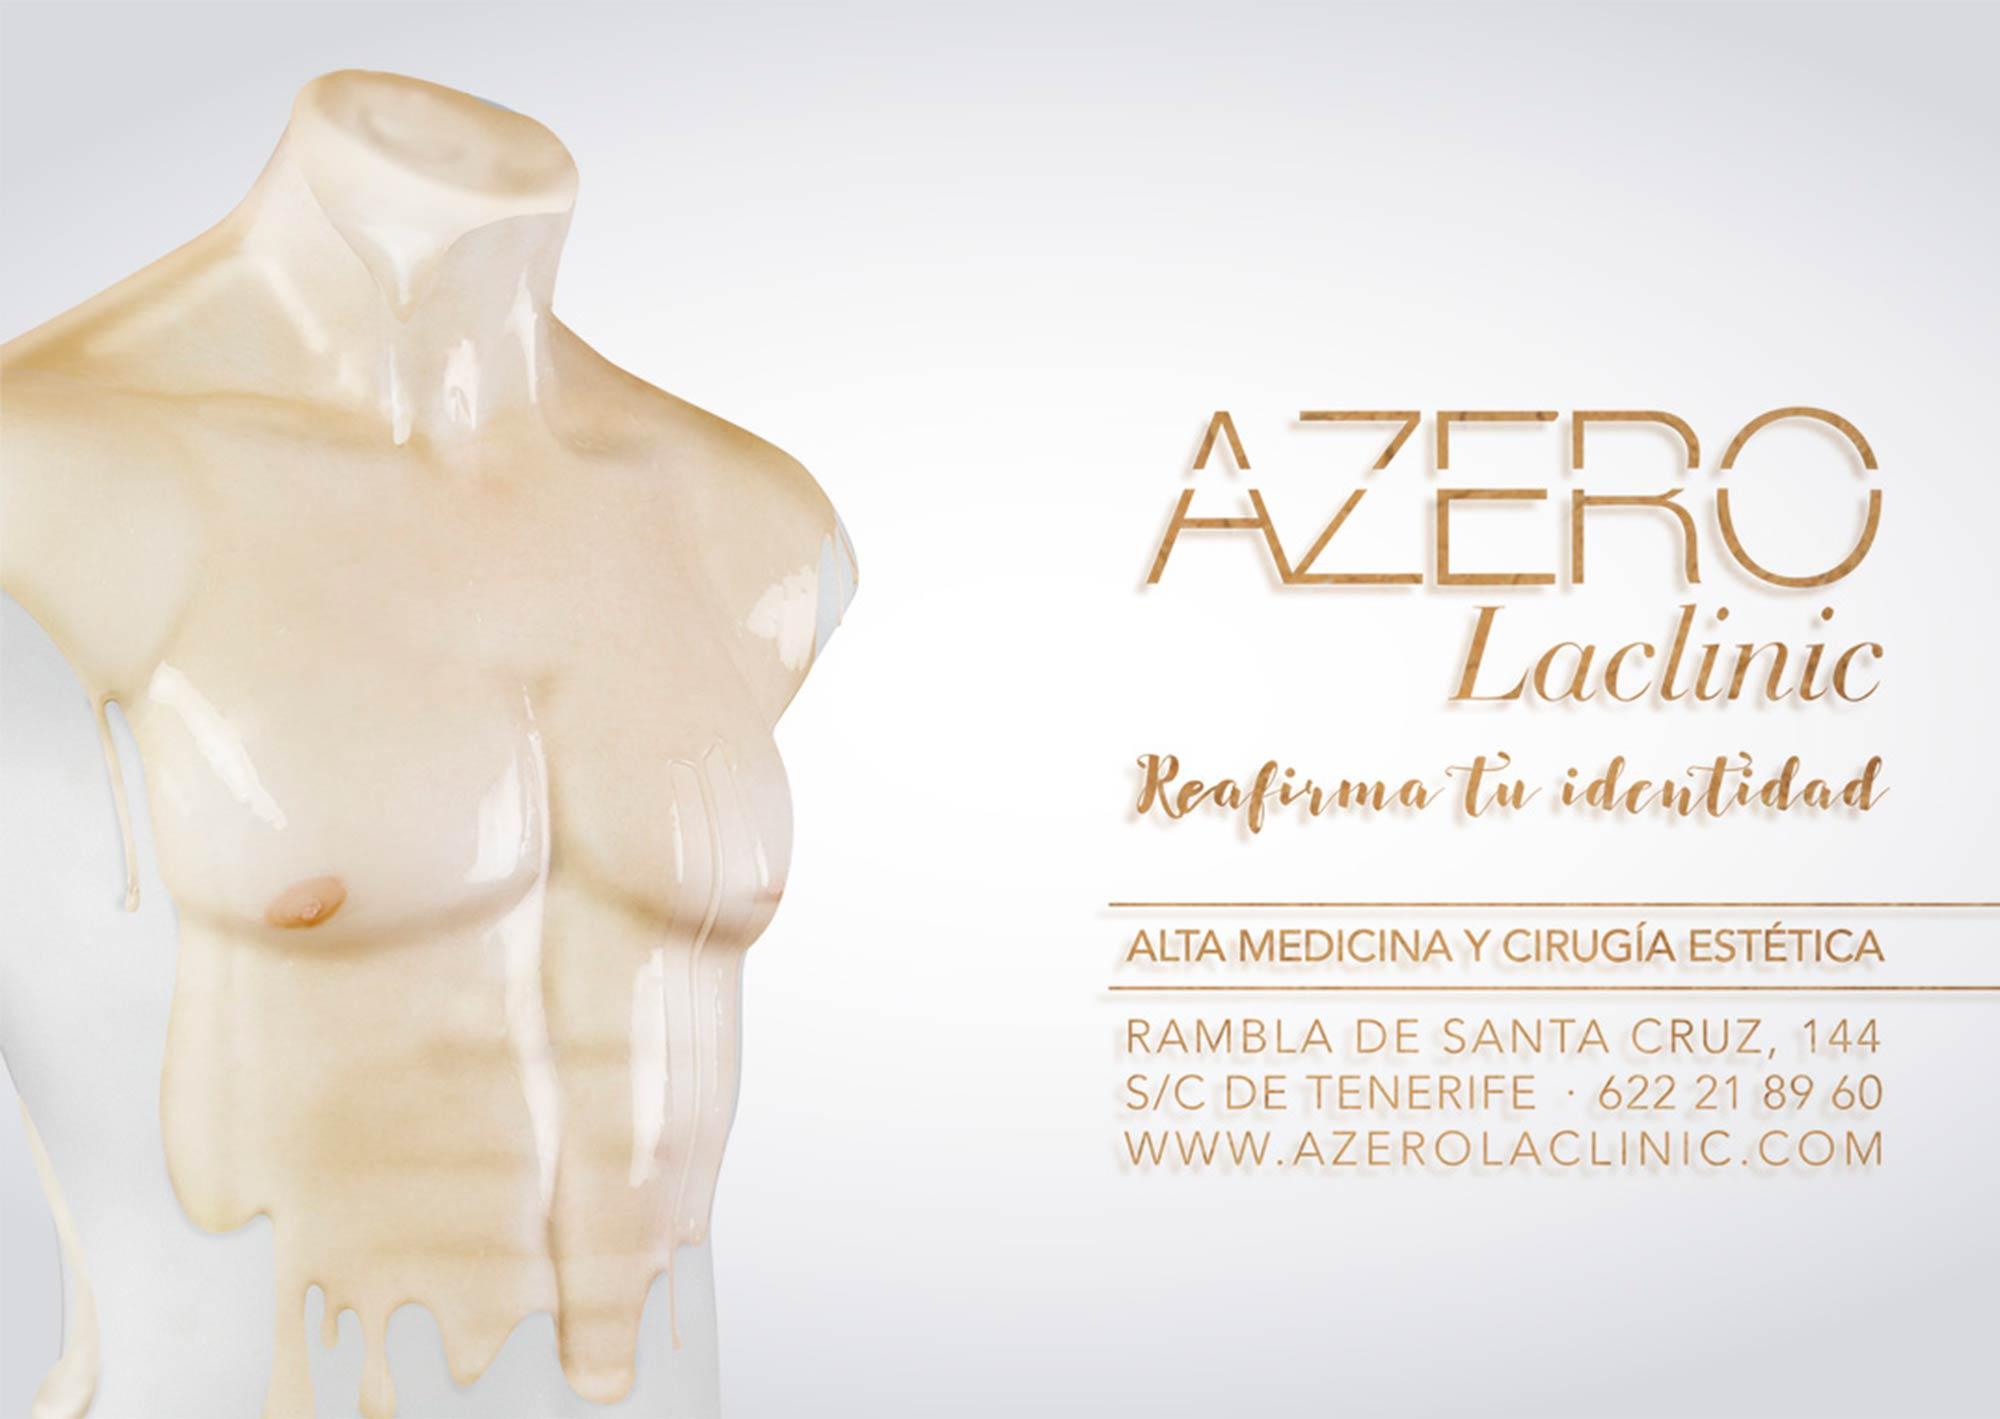 Azero, clínica de alta medicina y cirujía estética